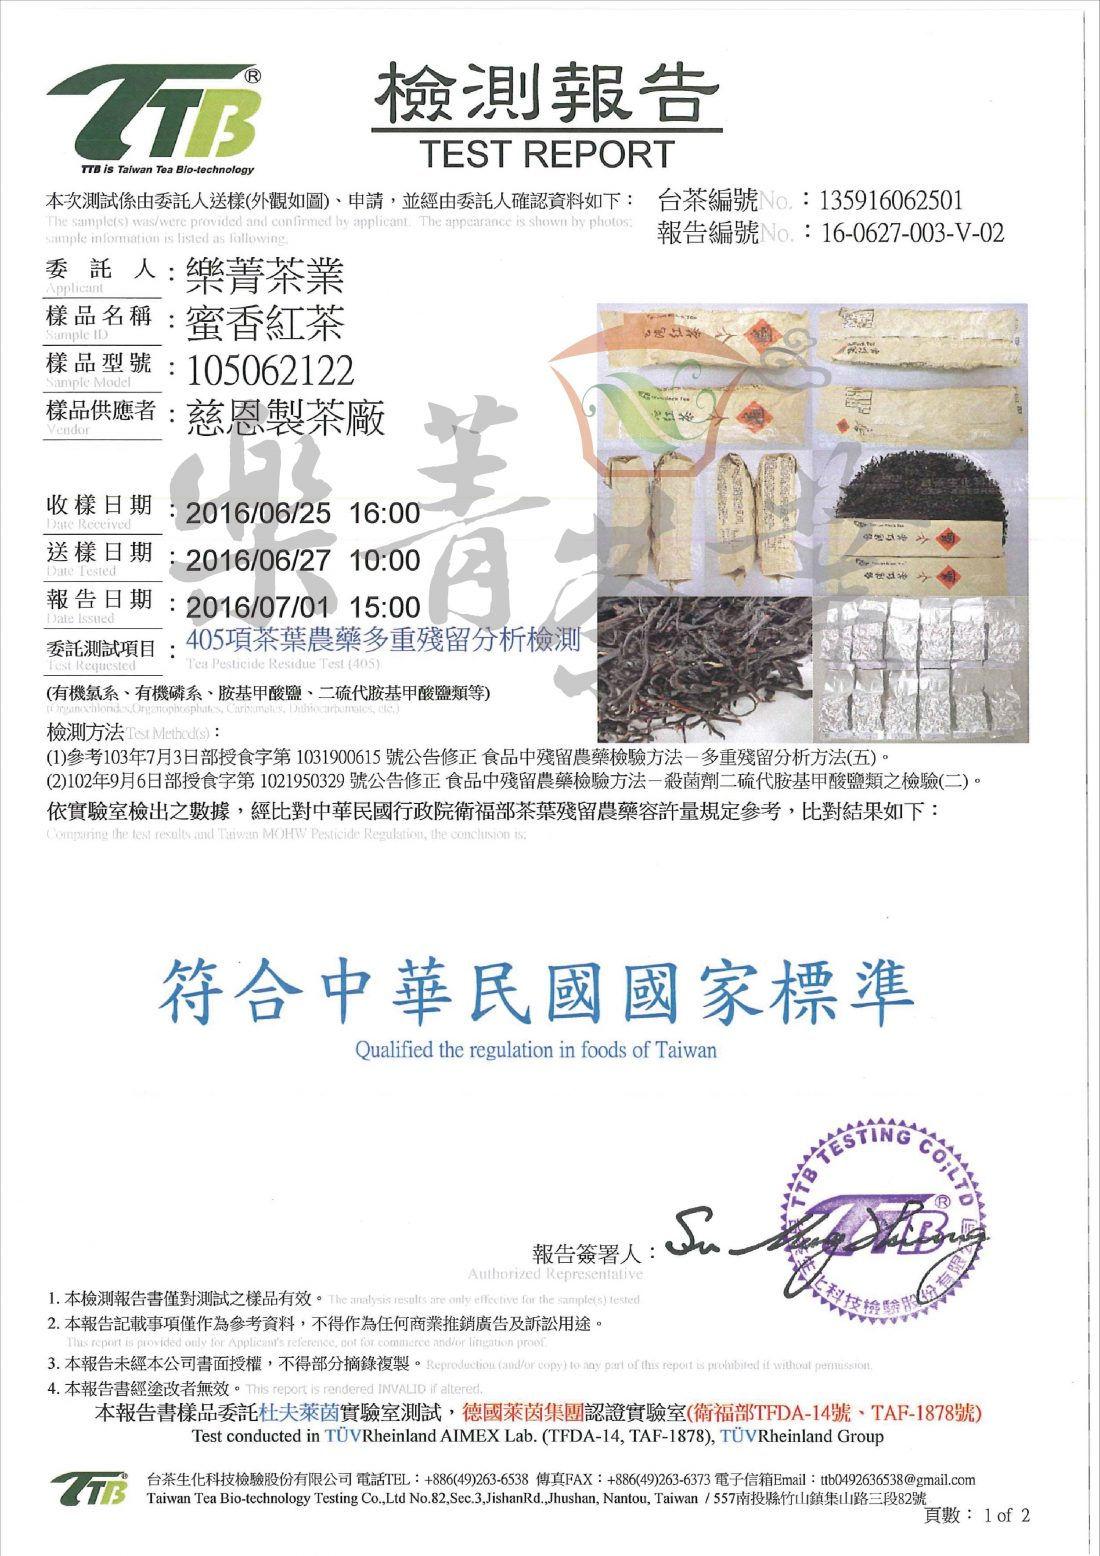 蜜香紅茶-405項茶葉農藥殘留檢驗報告